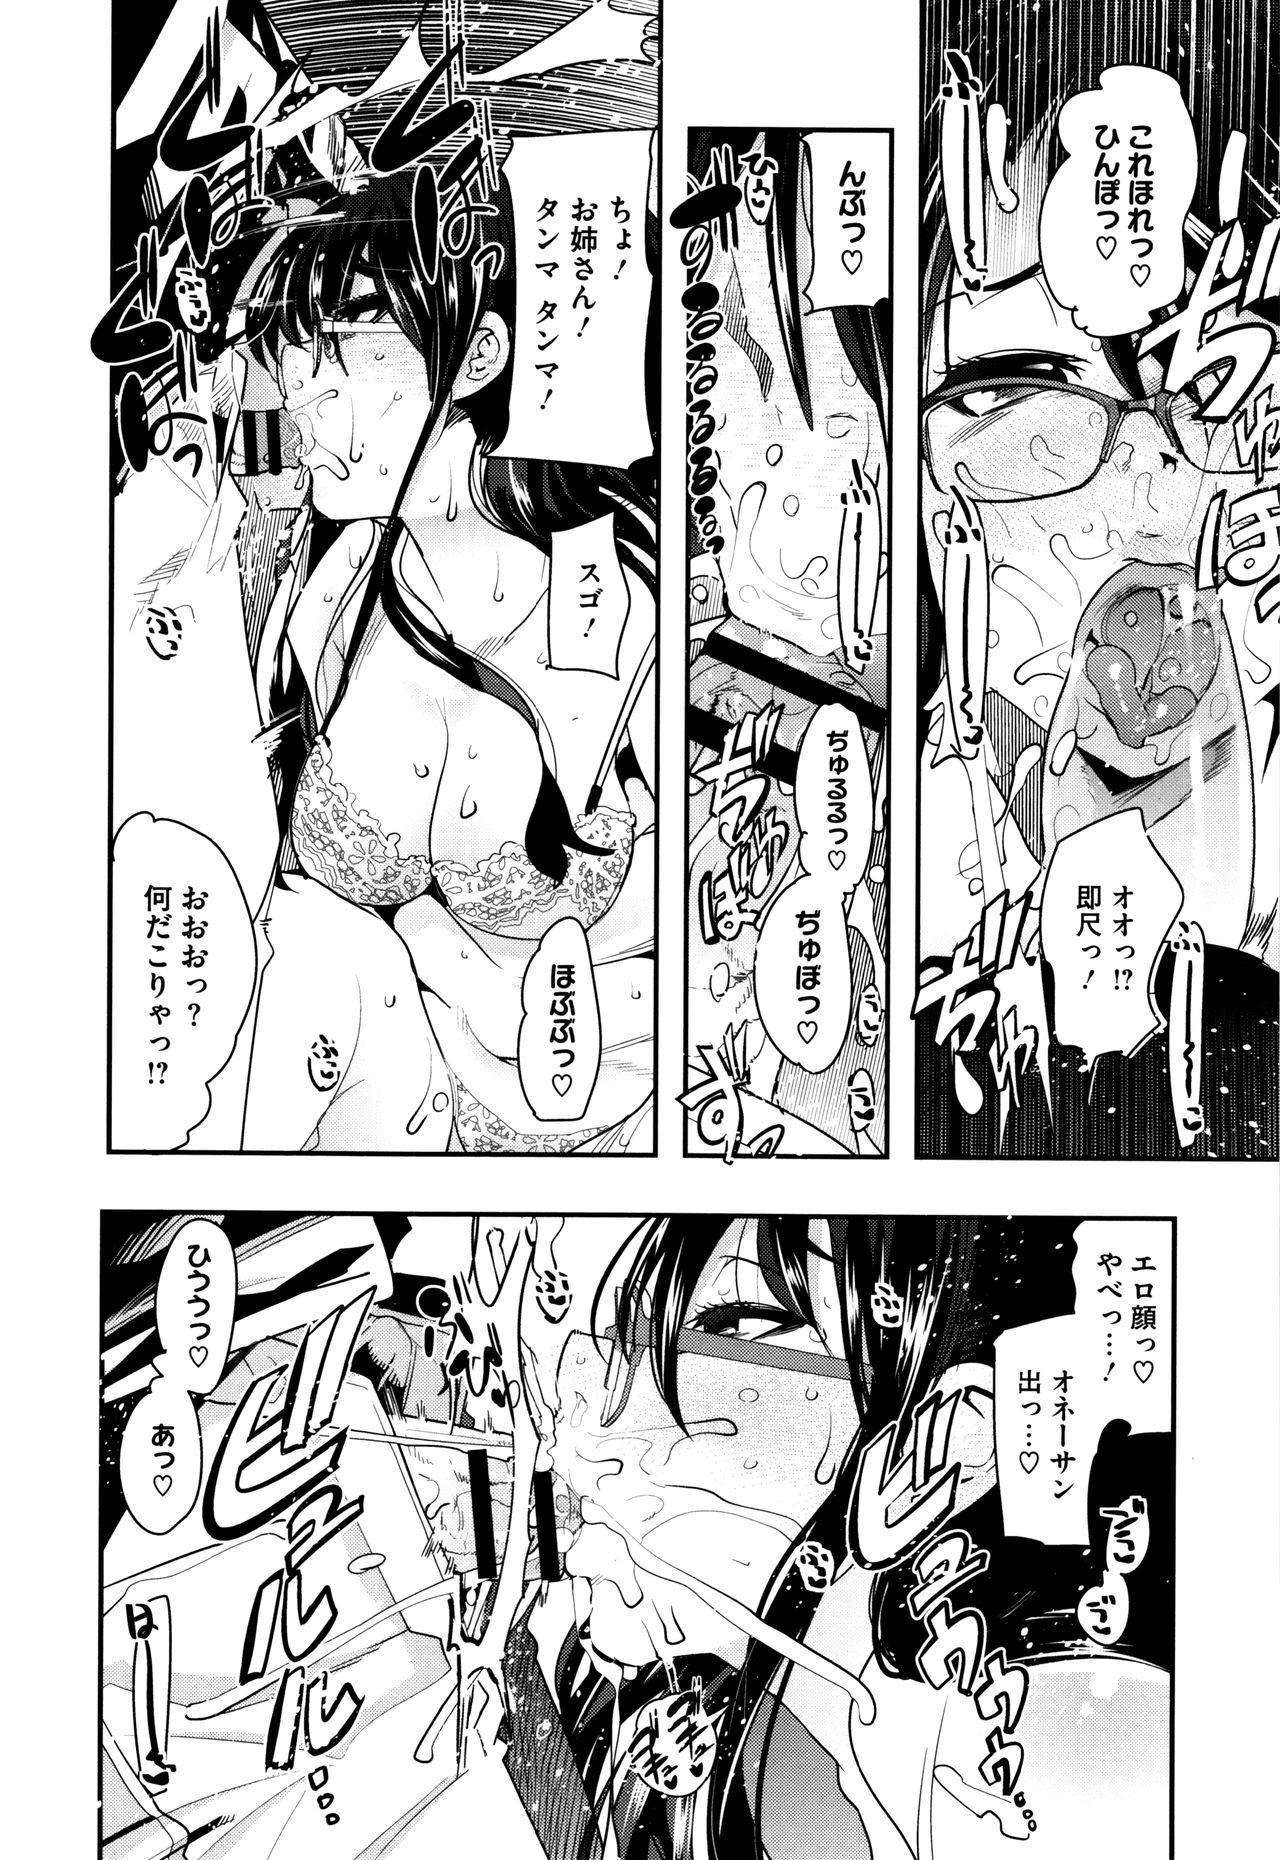 Setsuzoku Sareta Onna 94